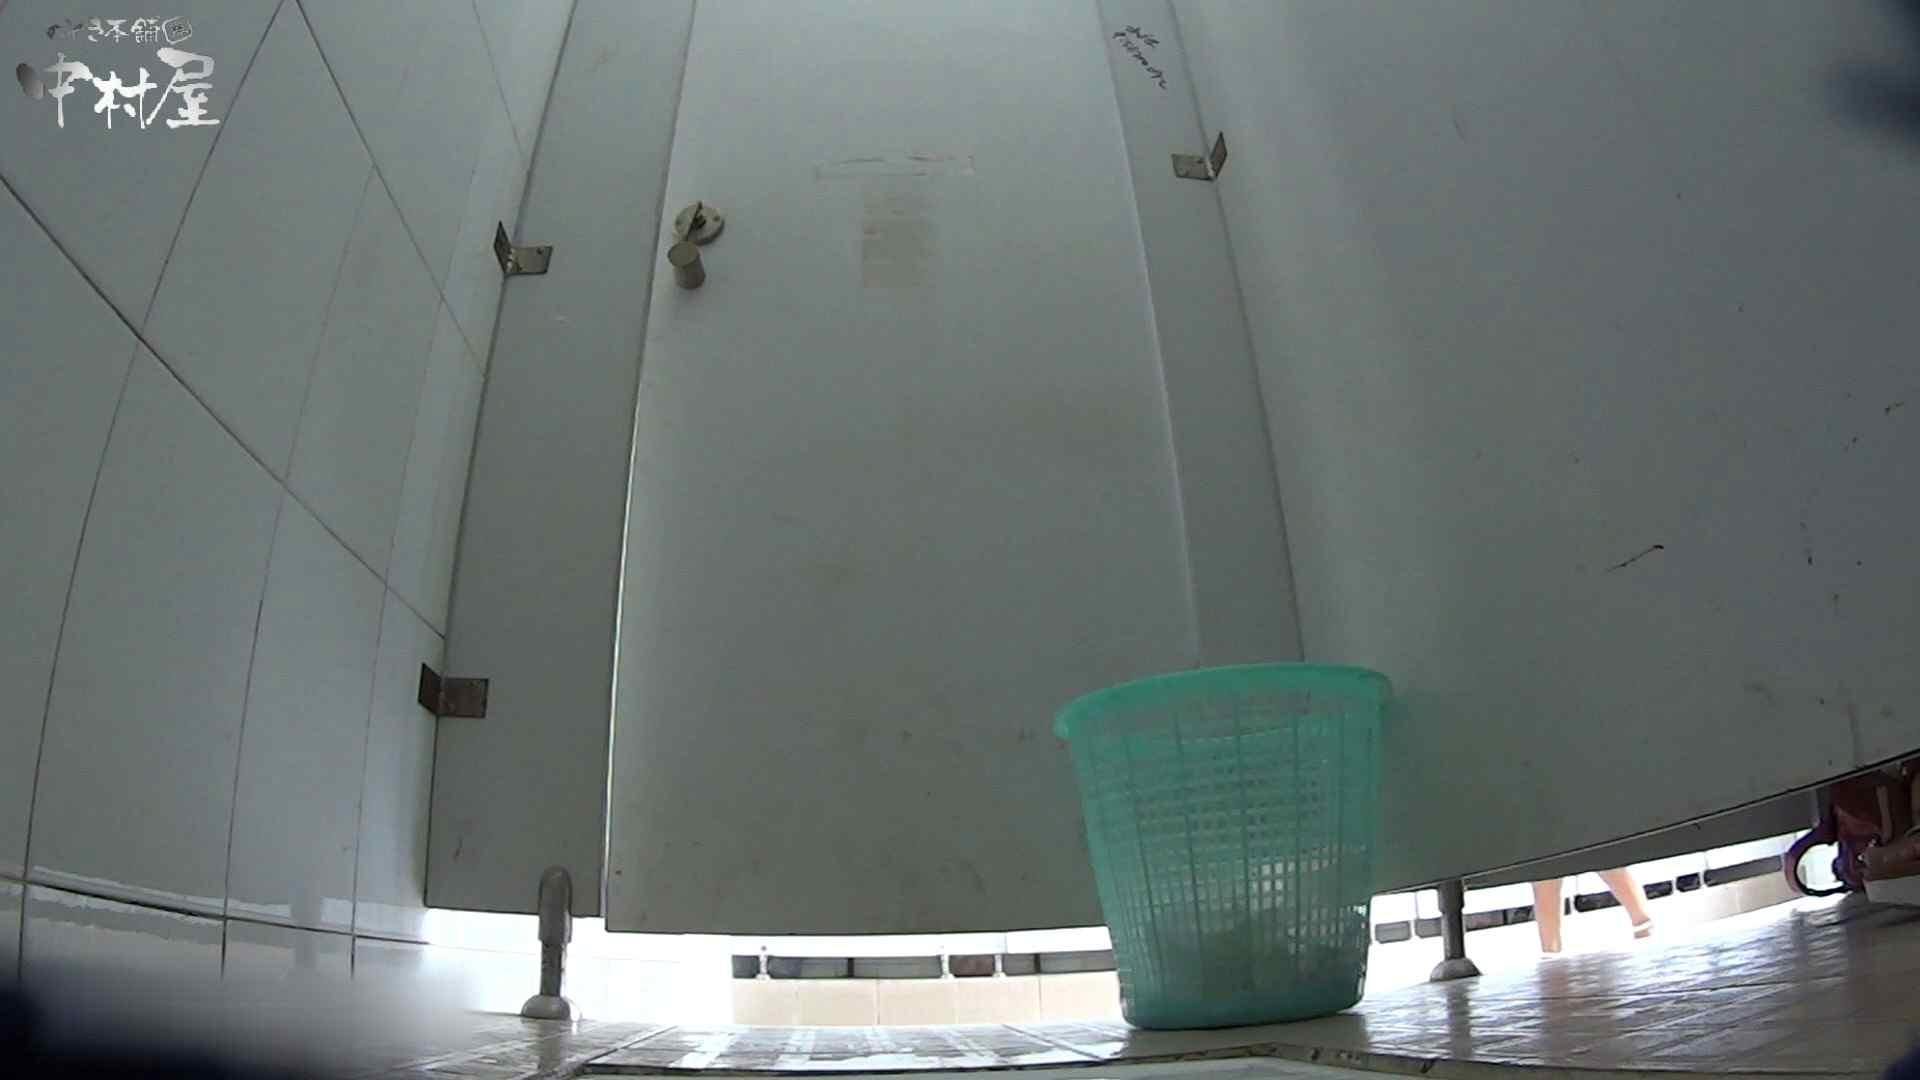 美しい女良たちのトイレ事情 有名大学休憩時間の洗面所事情06 高画質 | 美女  92pic 46